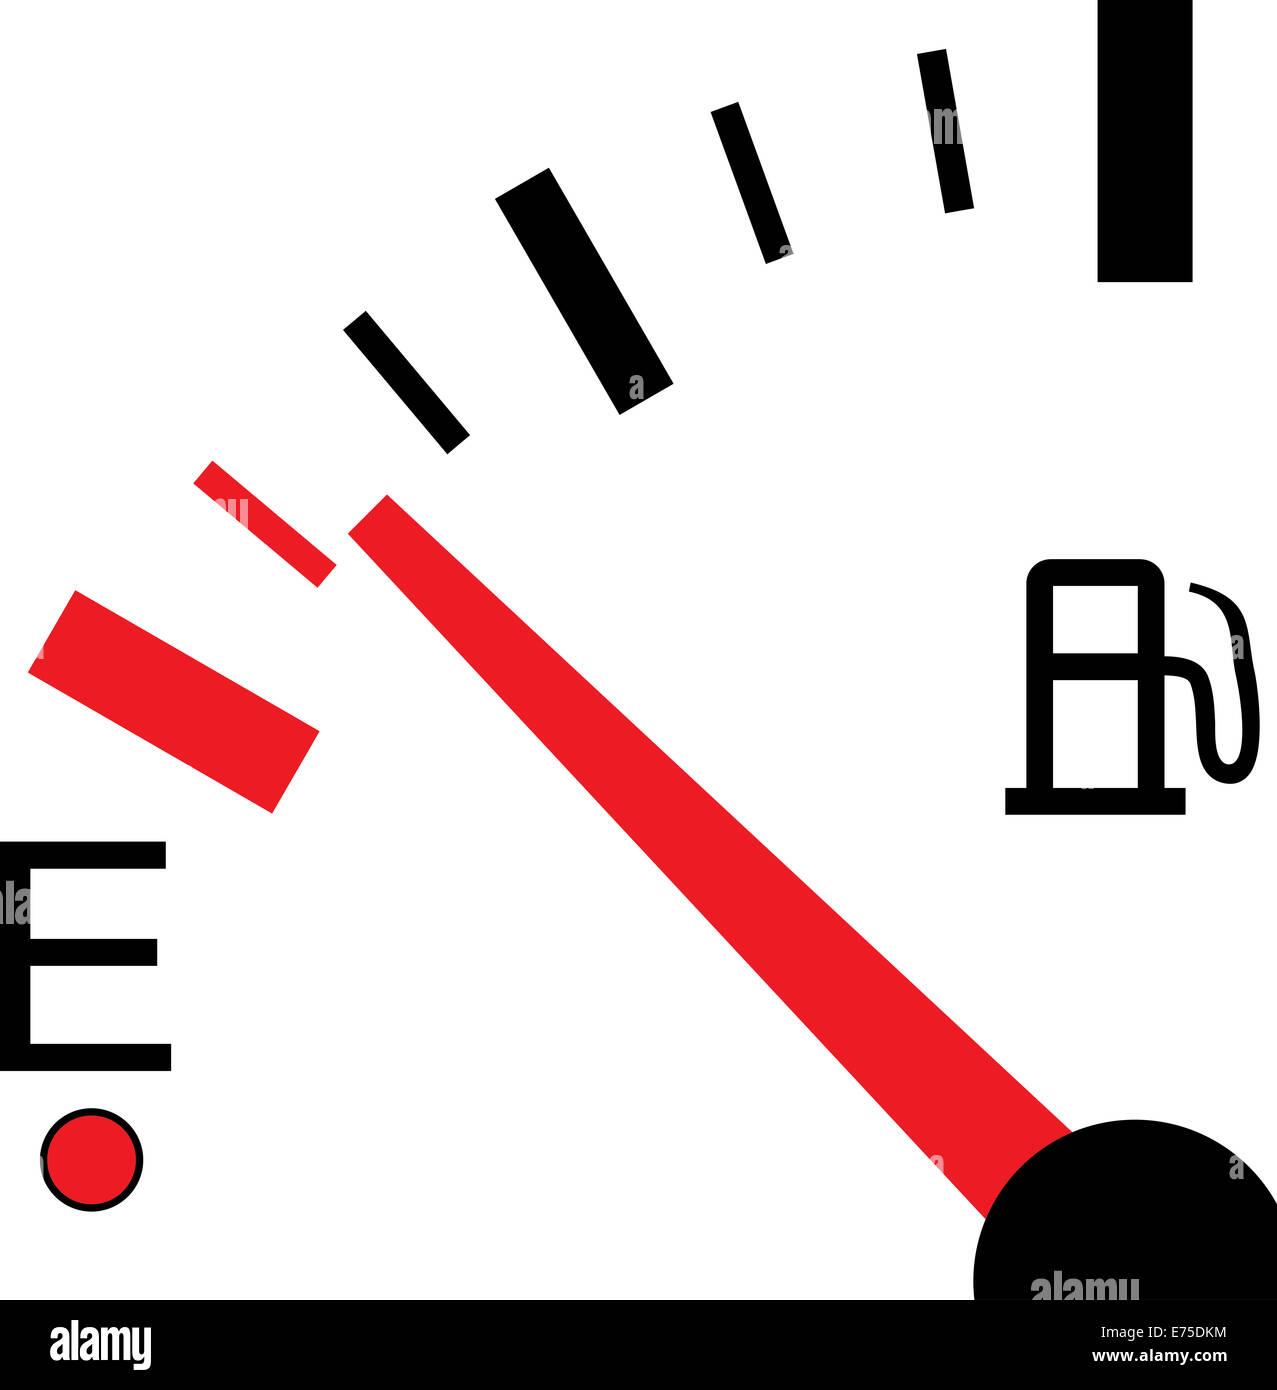 Un ejemplo de un indicador de combustible sobre fondo blanco. Imagen De Stock